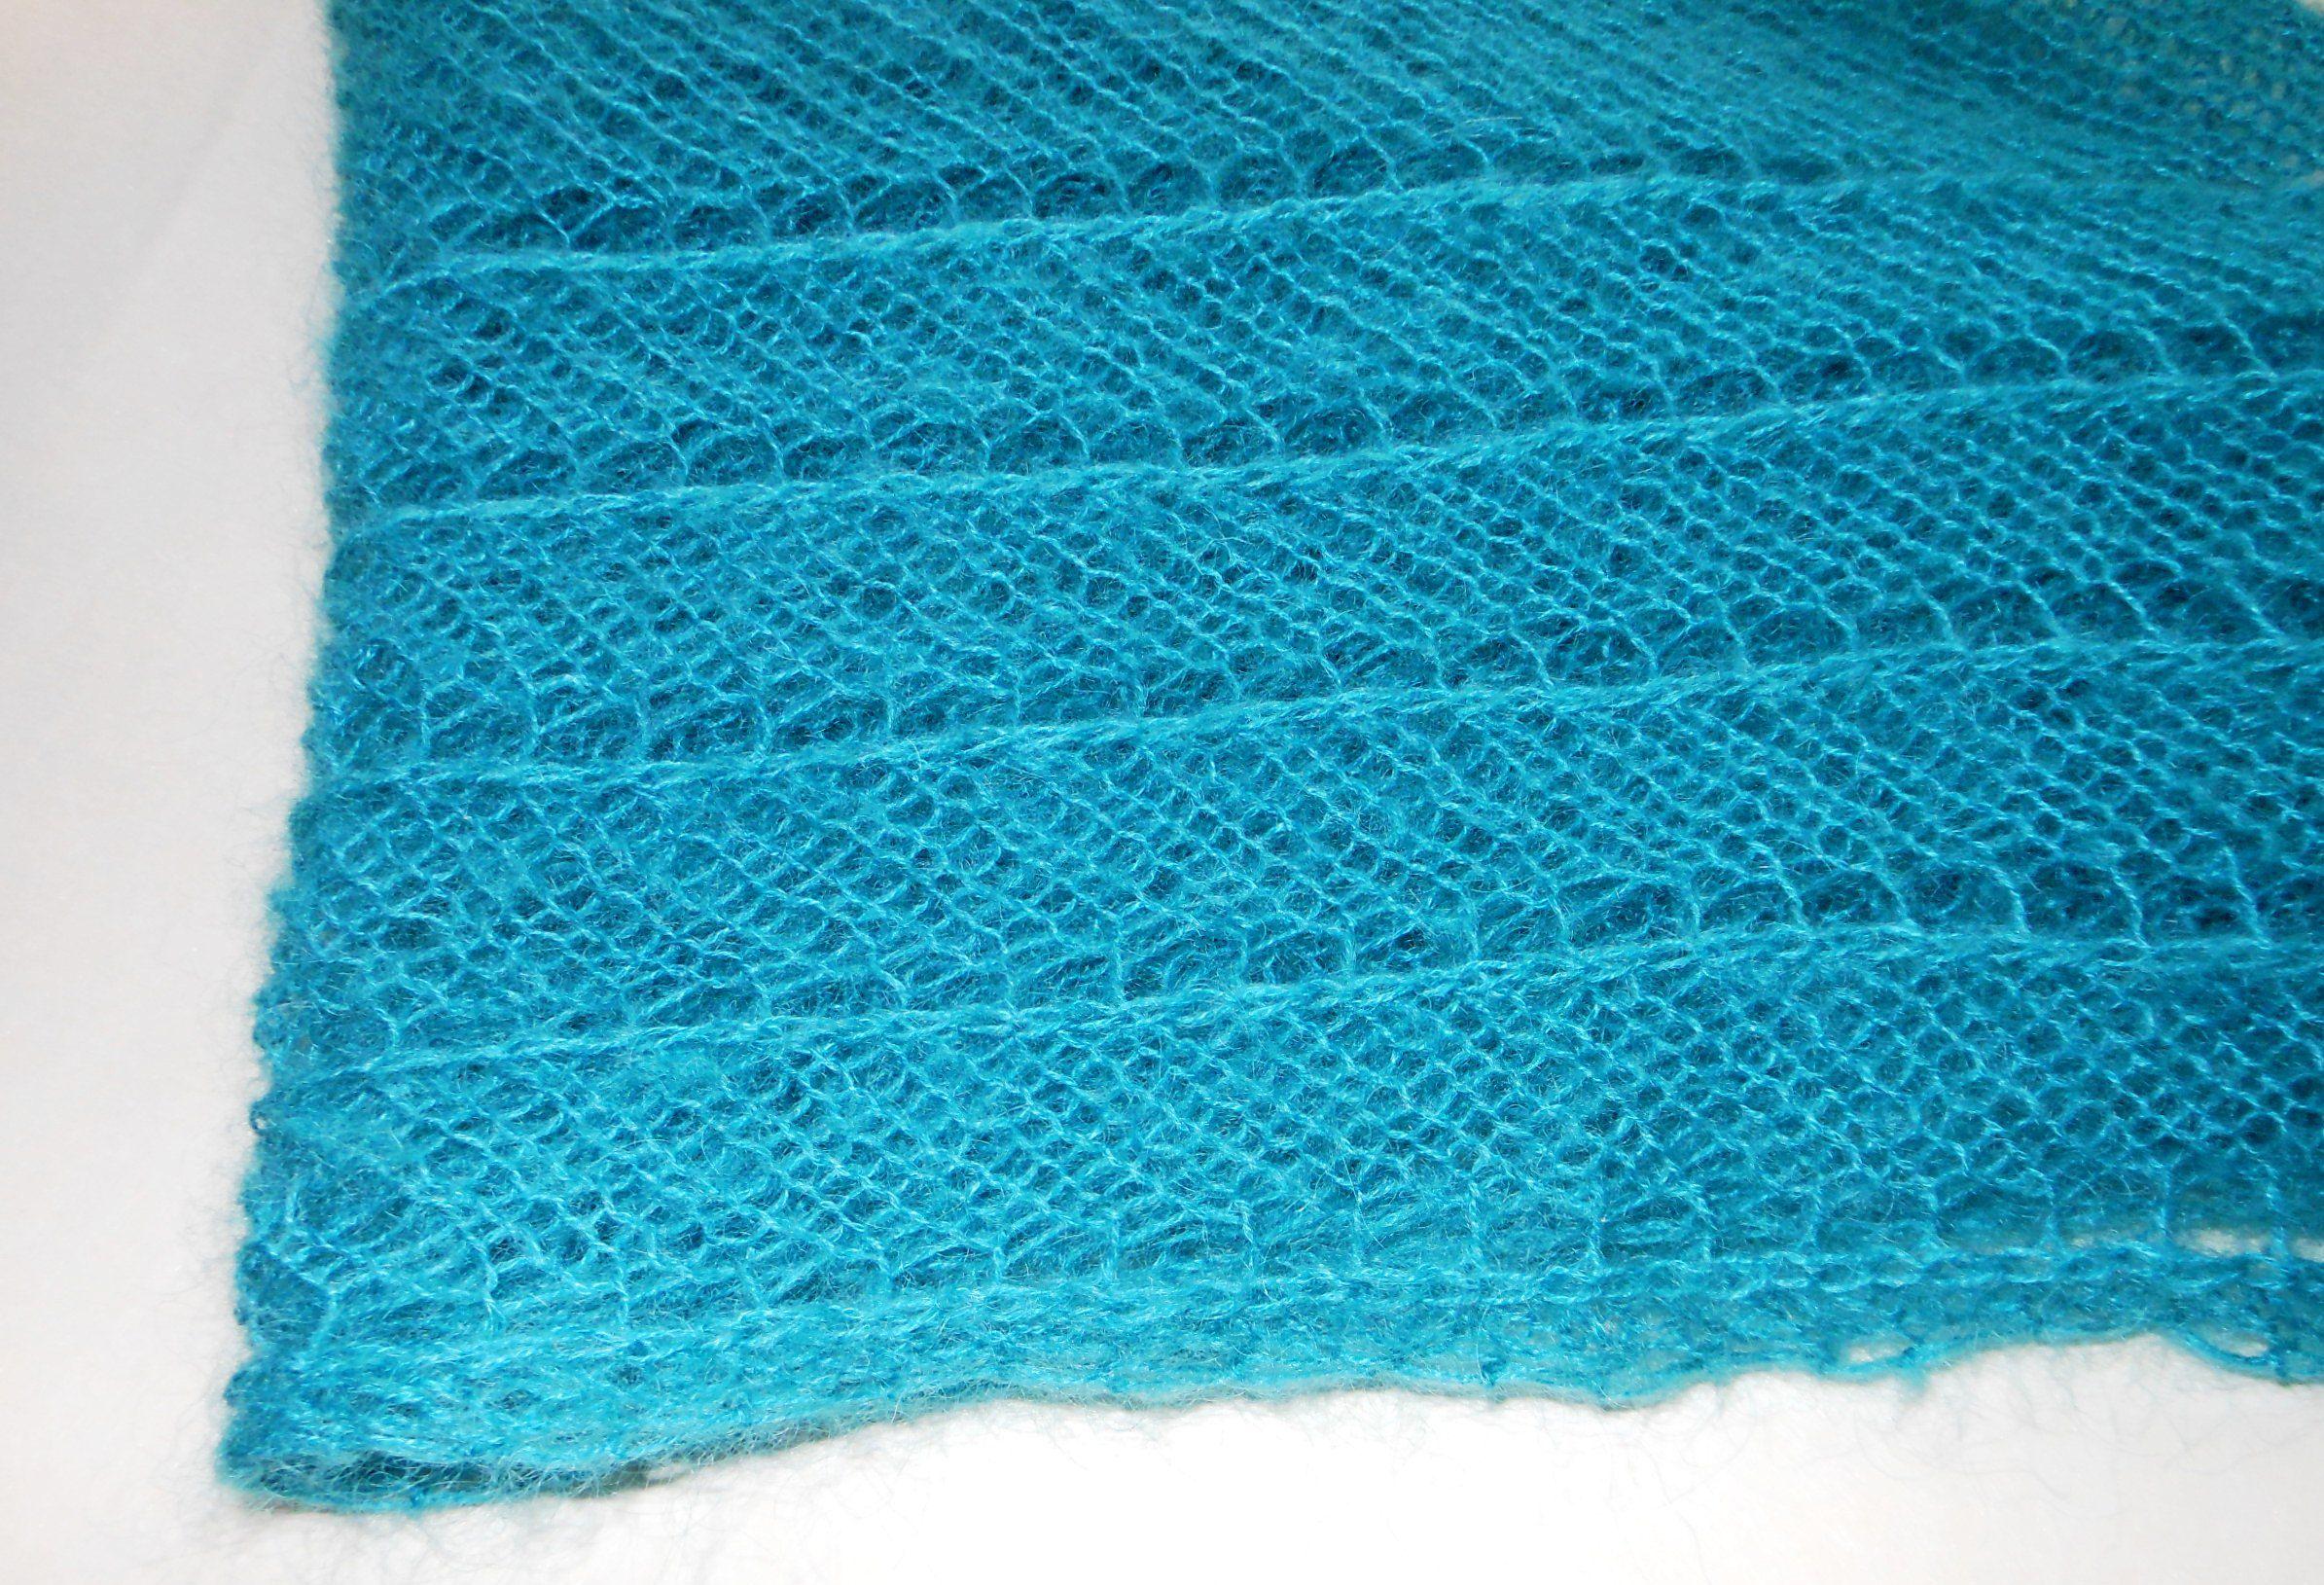 теплая мохеровая мохер спицы женщин полушалок холод шаль вязание для пряжа косынка зима